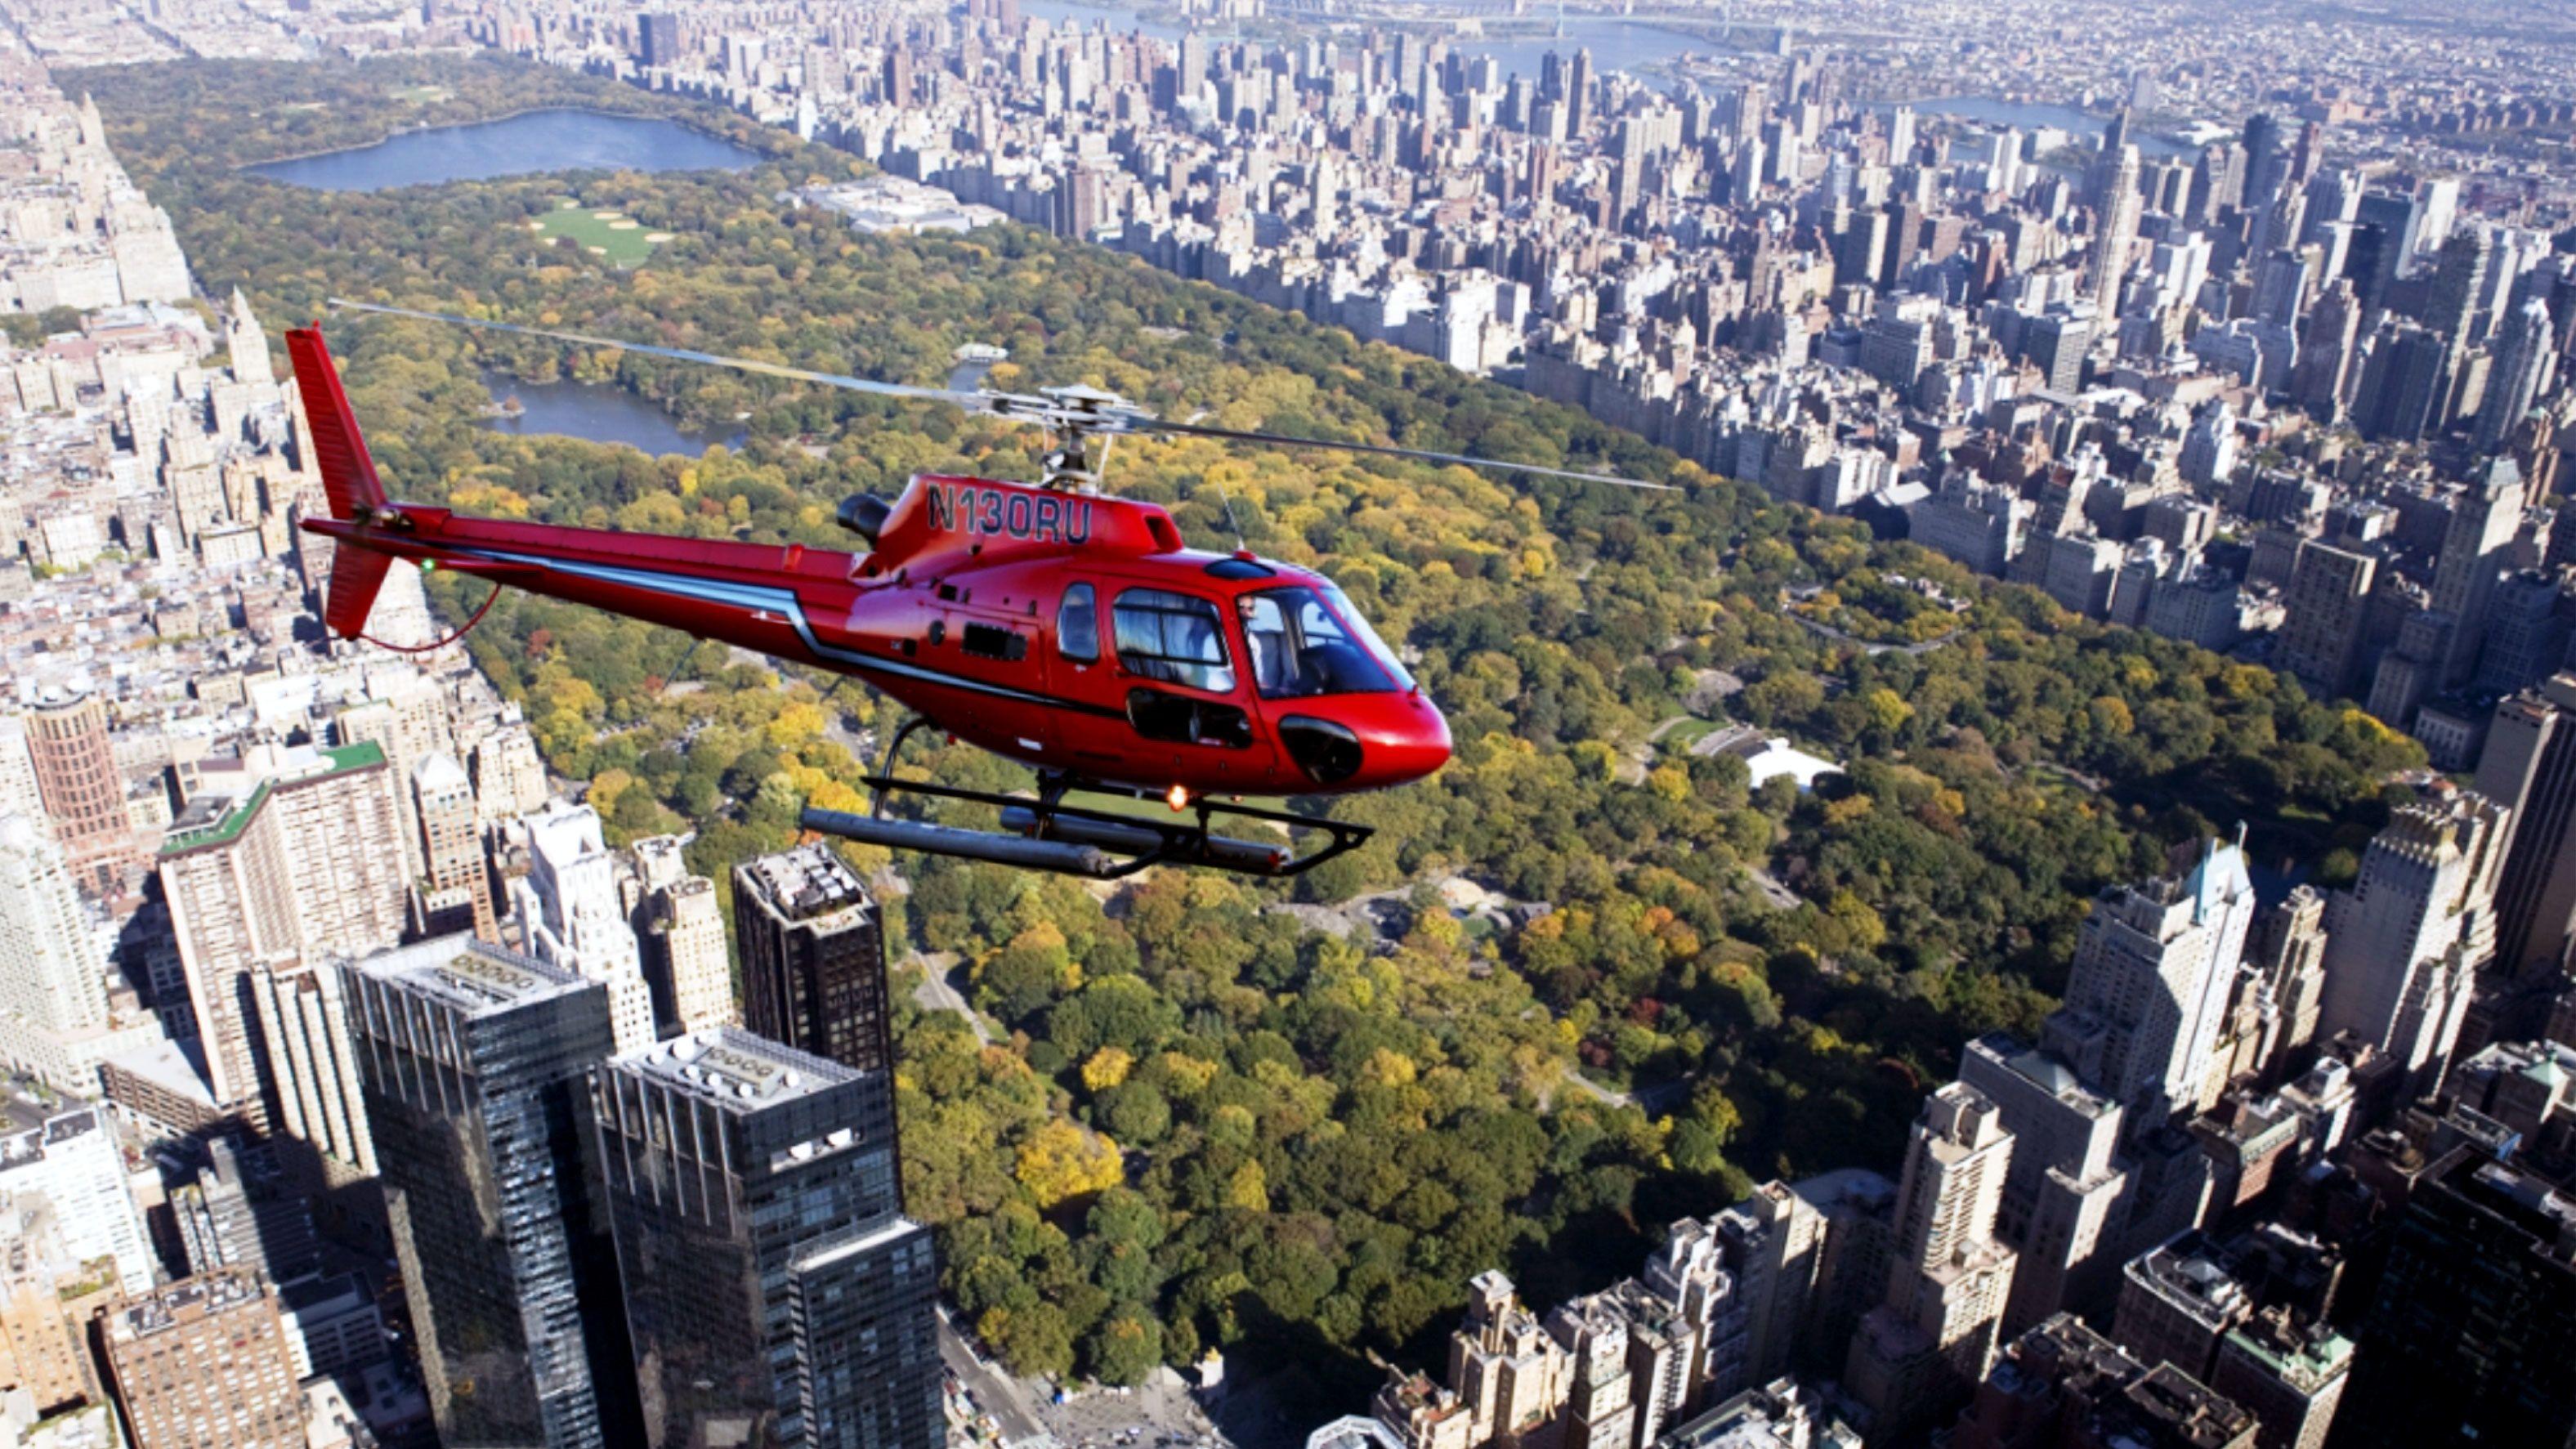 Luksuriøs helikoptertur i New York: alle fem bydele